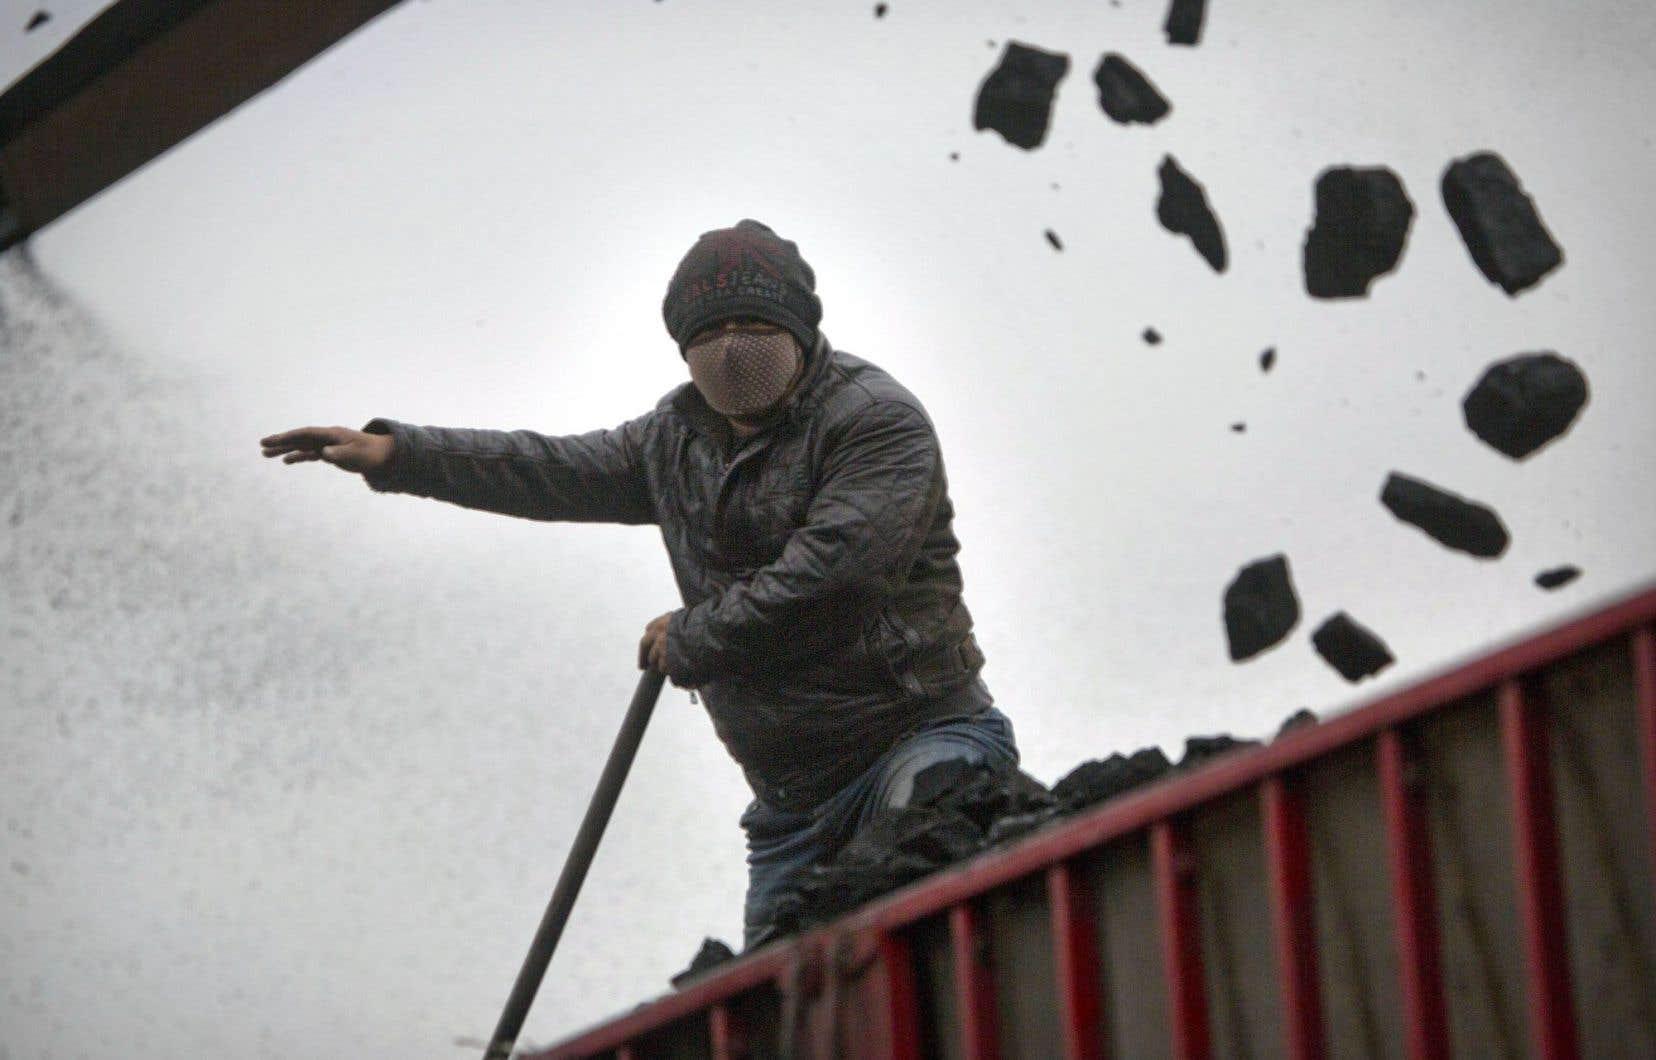 Un ouvrier d'une mine de charbon à Ordos, en Chine. La baisse des émissions de CO2 attendue en 2015 est largement attribuée au déclin de l'utilisation de cette énergie fossile en Chine.